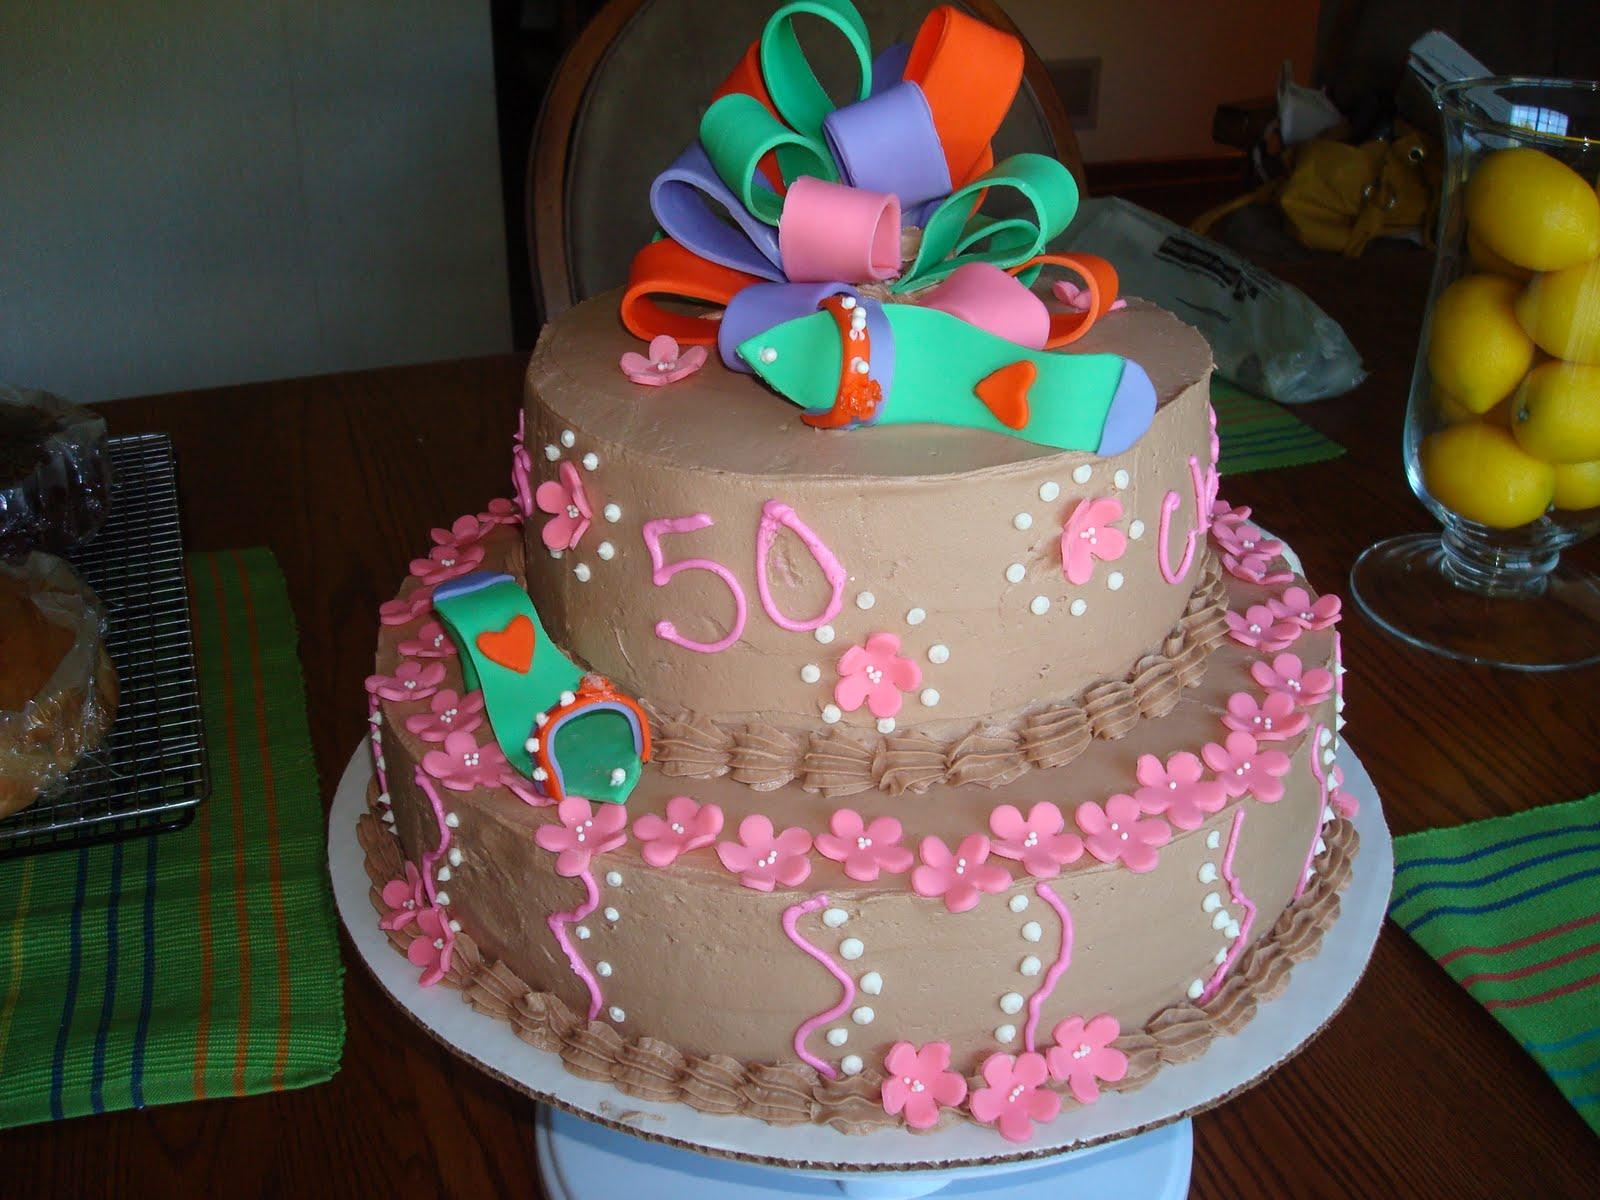 Welcome To Kieslers Kakes 50th Birthday Cake